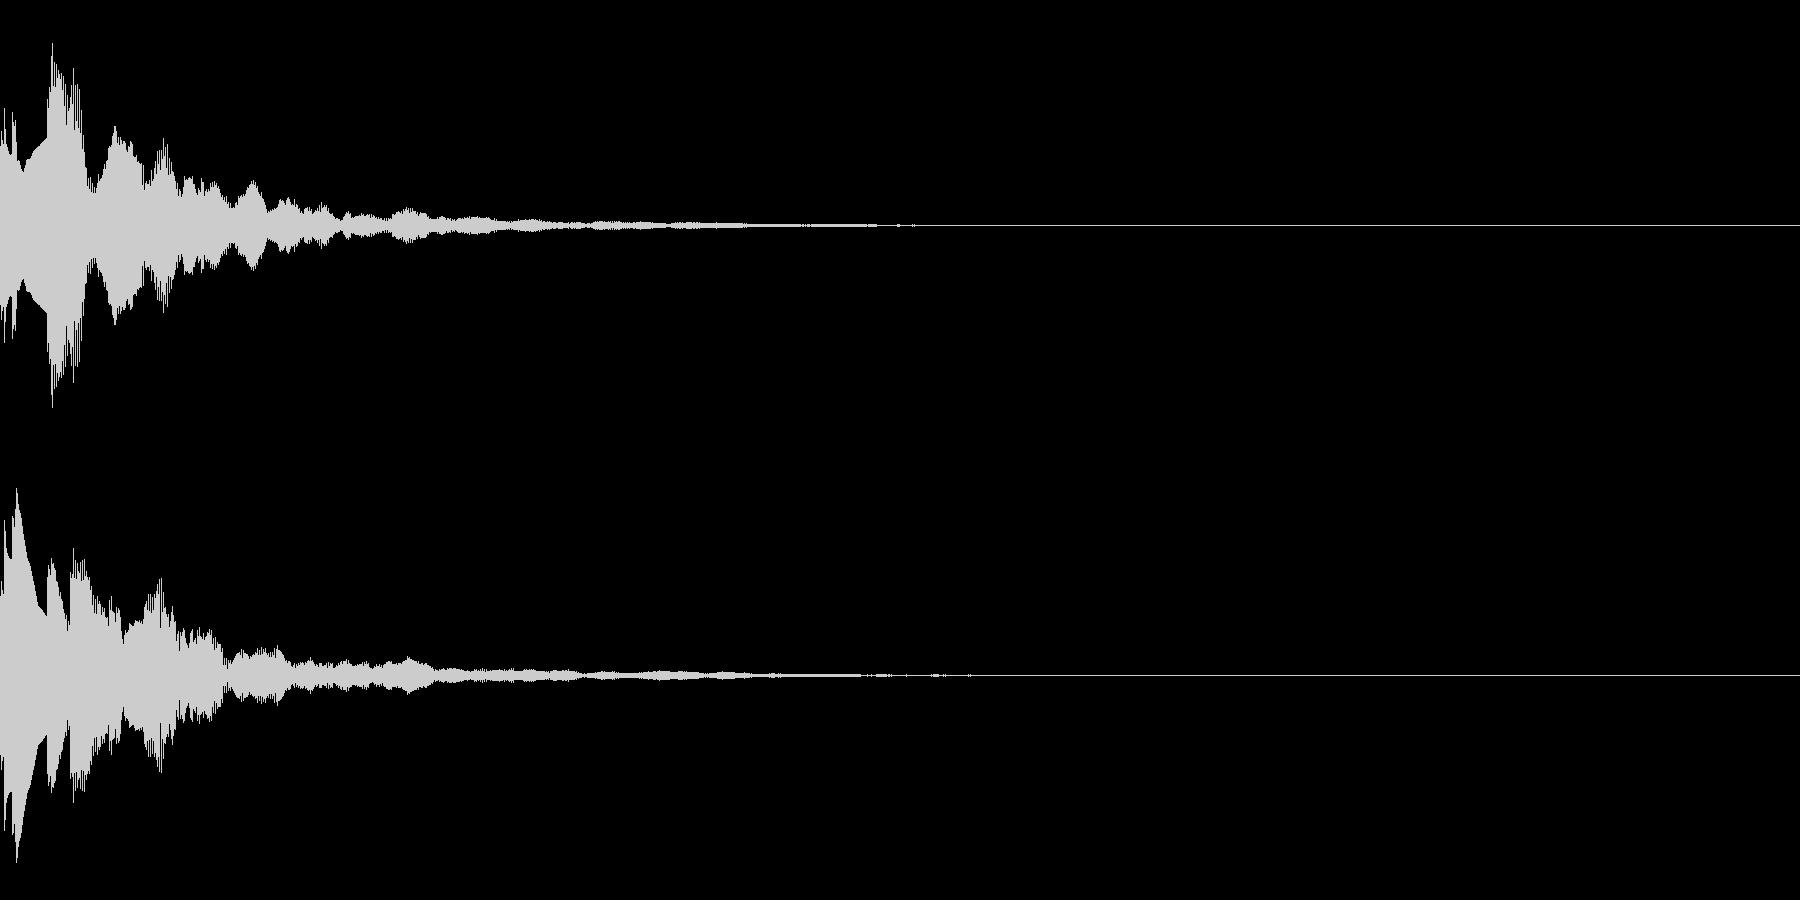 サウンドロゴ53の未再生の波形